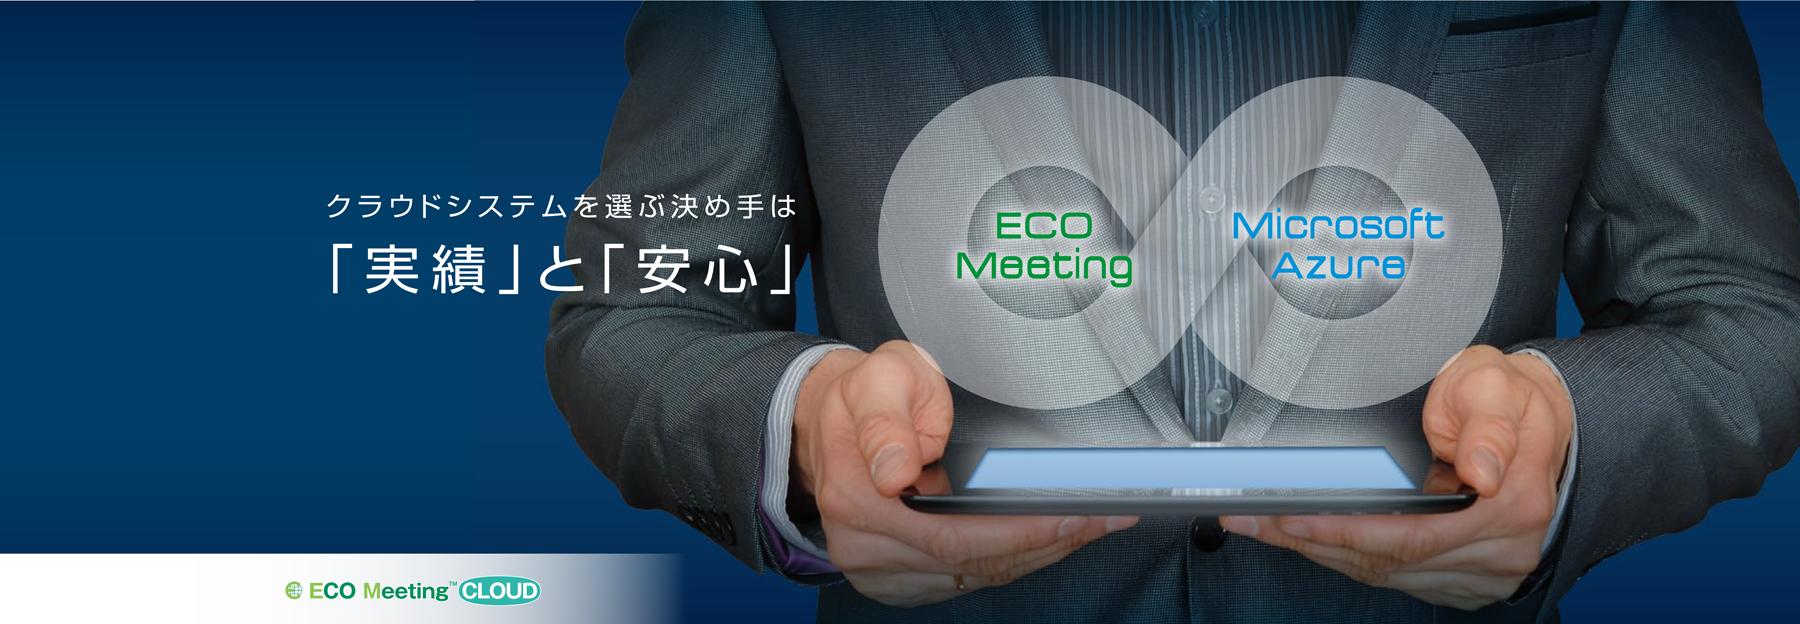 ECO Meeting クラウド